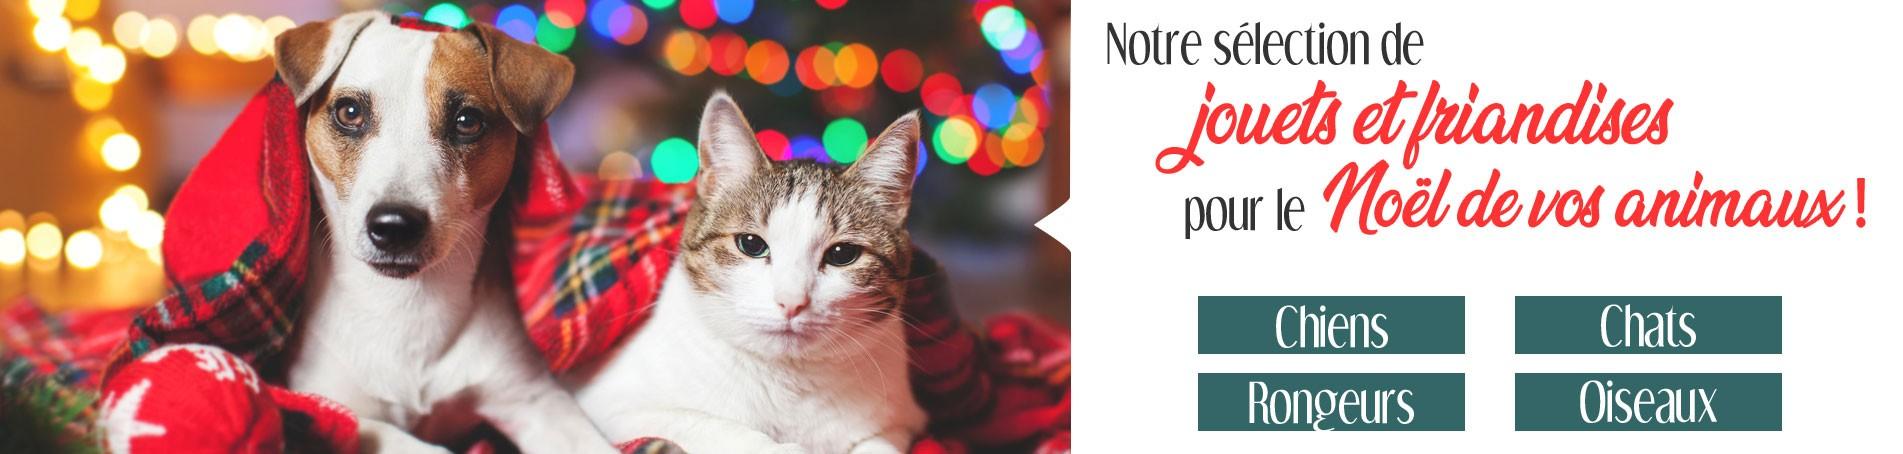 Sélection de jouets et friandises pour Noel !